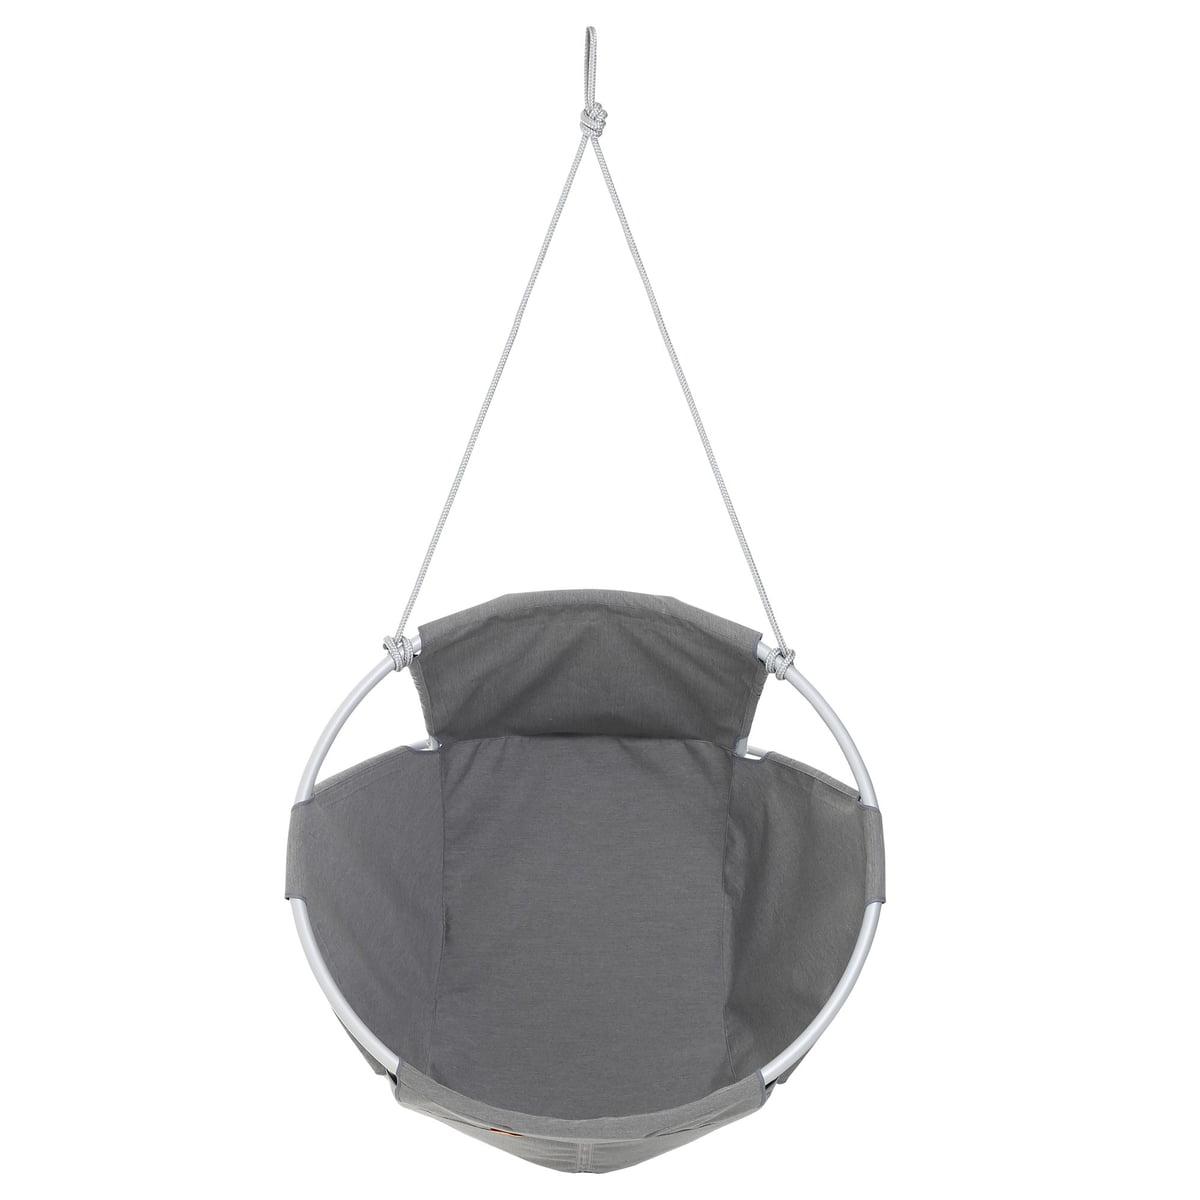 Cocoon chair outdoor - The Trimm Copenhagen Cocoon Outdoor Hang Chair In Grey